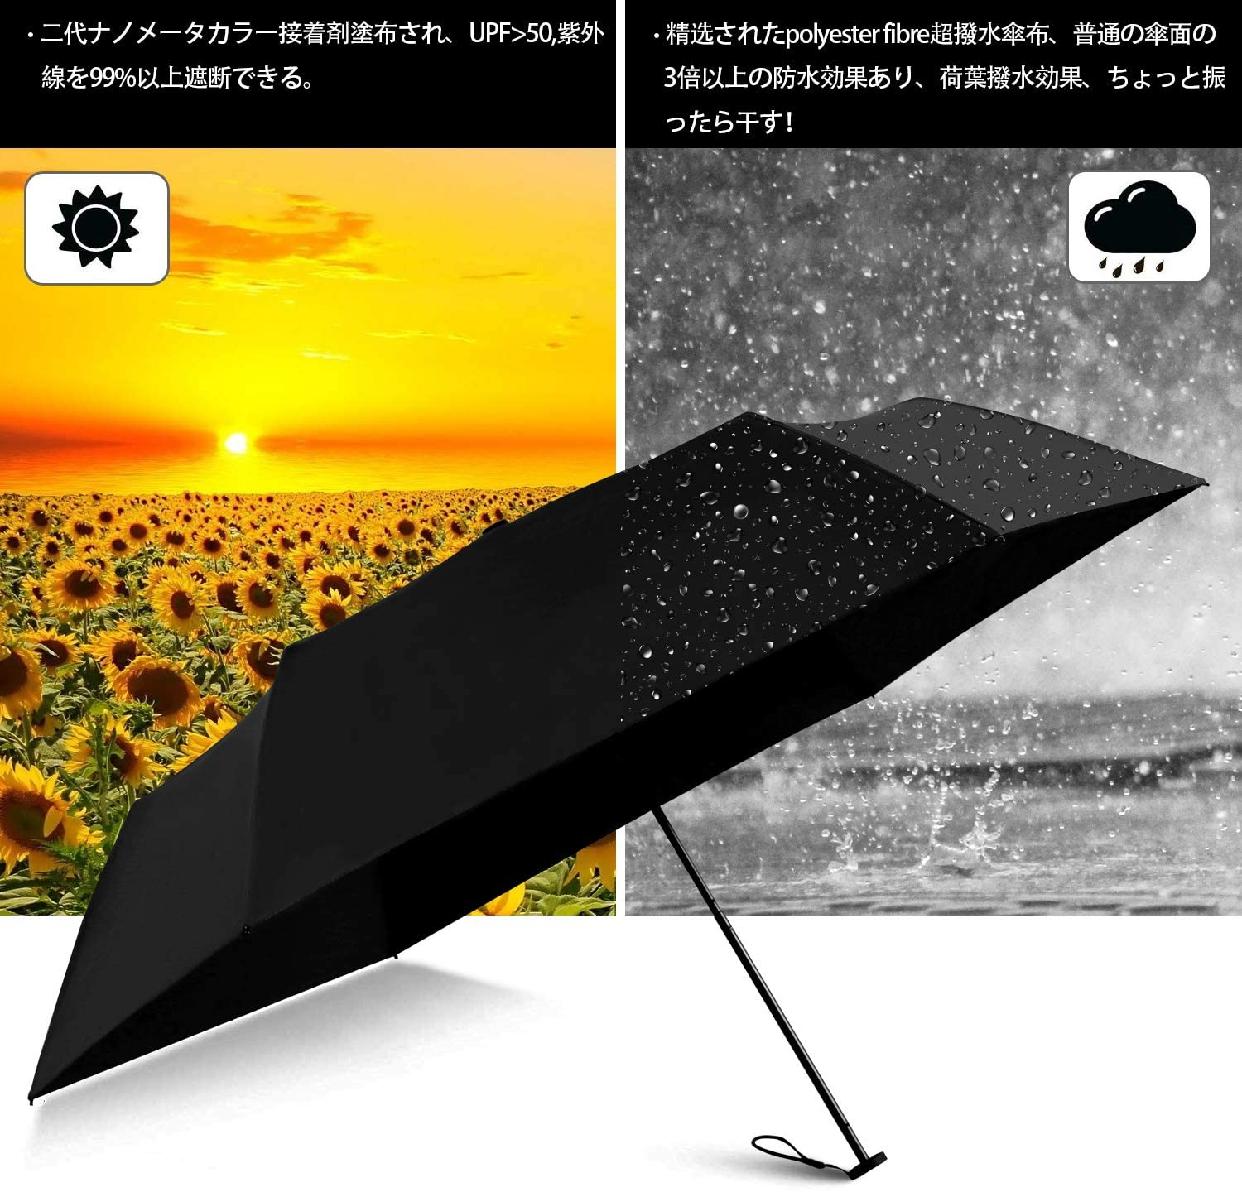 TaiYou 折りたたみ傘 日傘 軽量の商品画像4